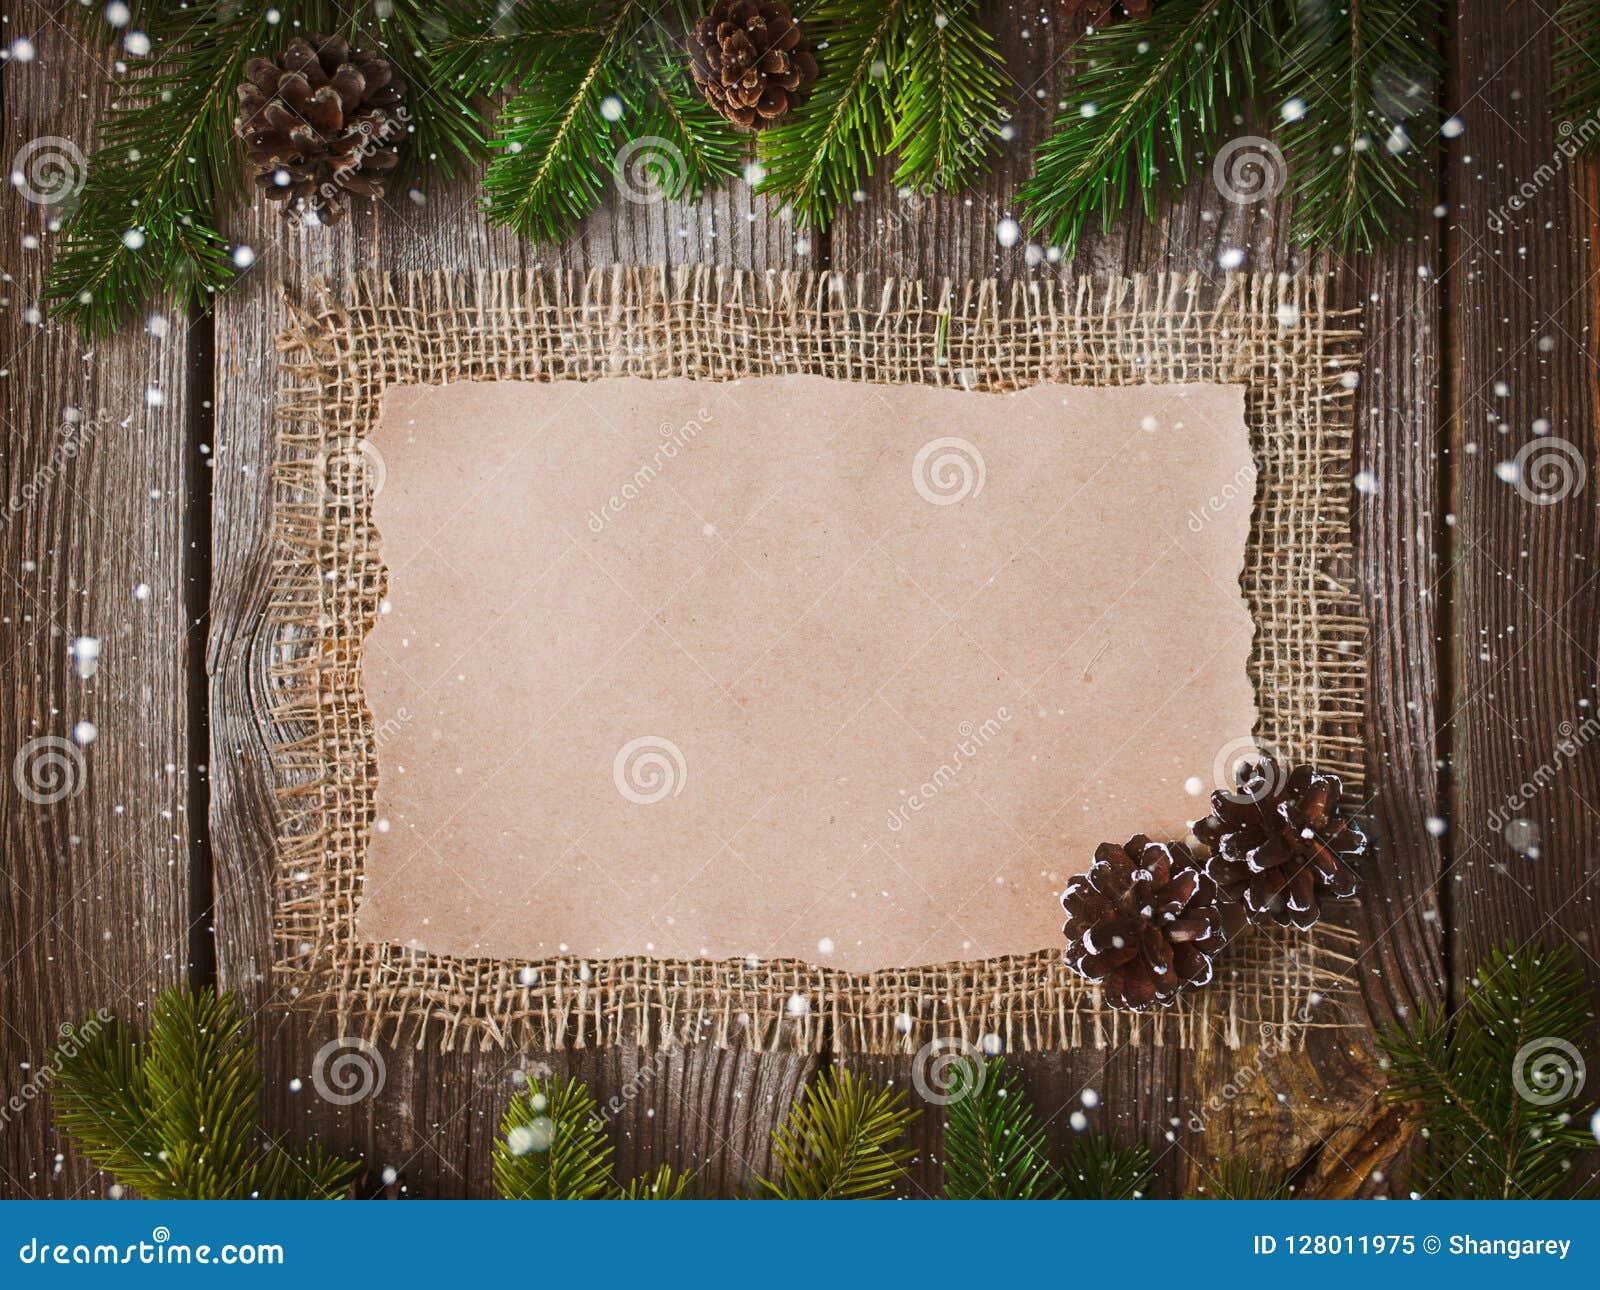 Επιστολή Χριστουγέννων, κατάλογος, συγχαρητήρια σε ένα ξύλινο υπόβαθρο ελεύθερου χώρου, νέο έτος προτύπων